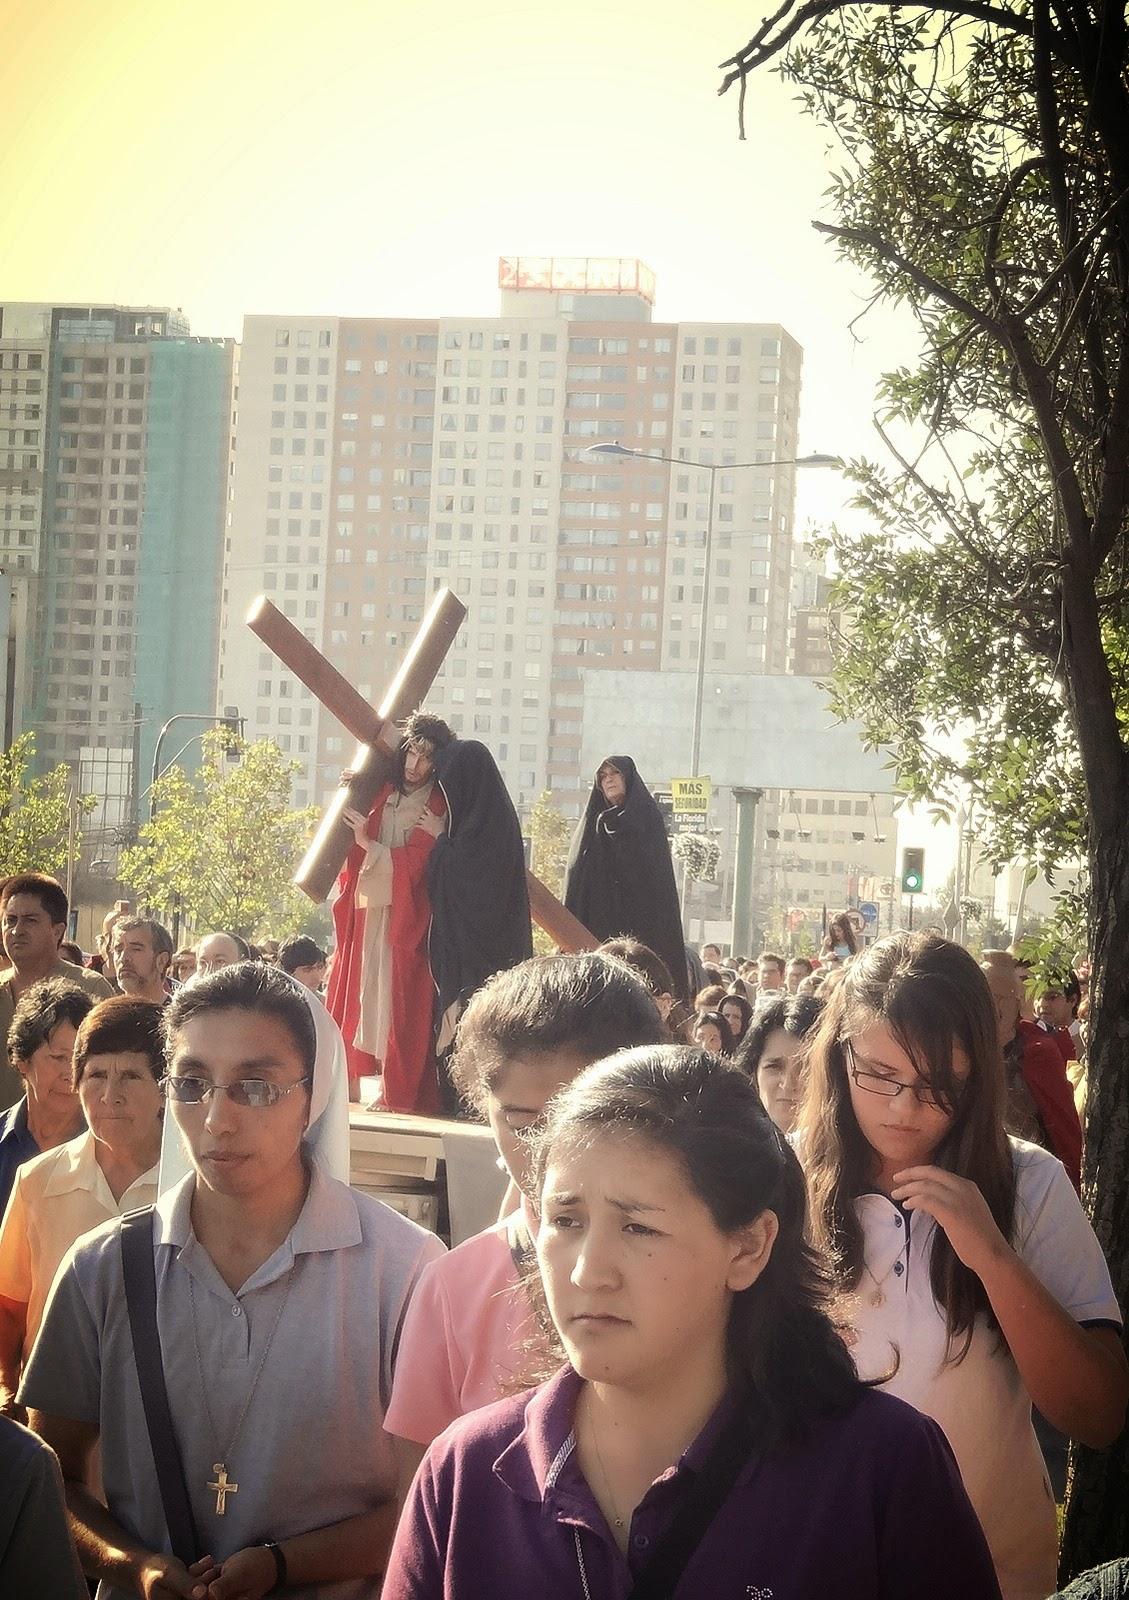 image Crucifixión de pulido con cera ex nun waxing vista aérea